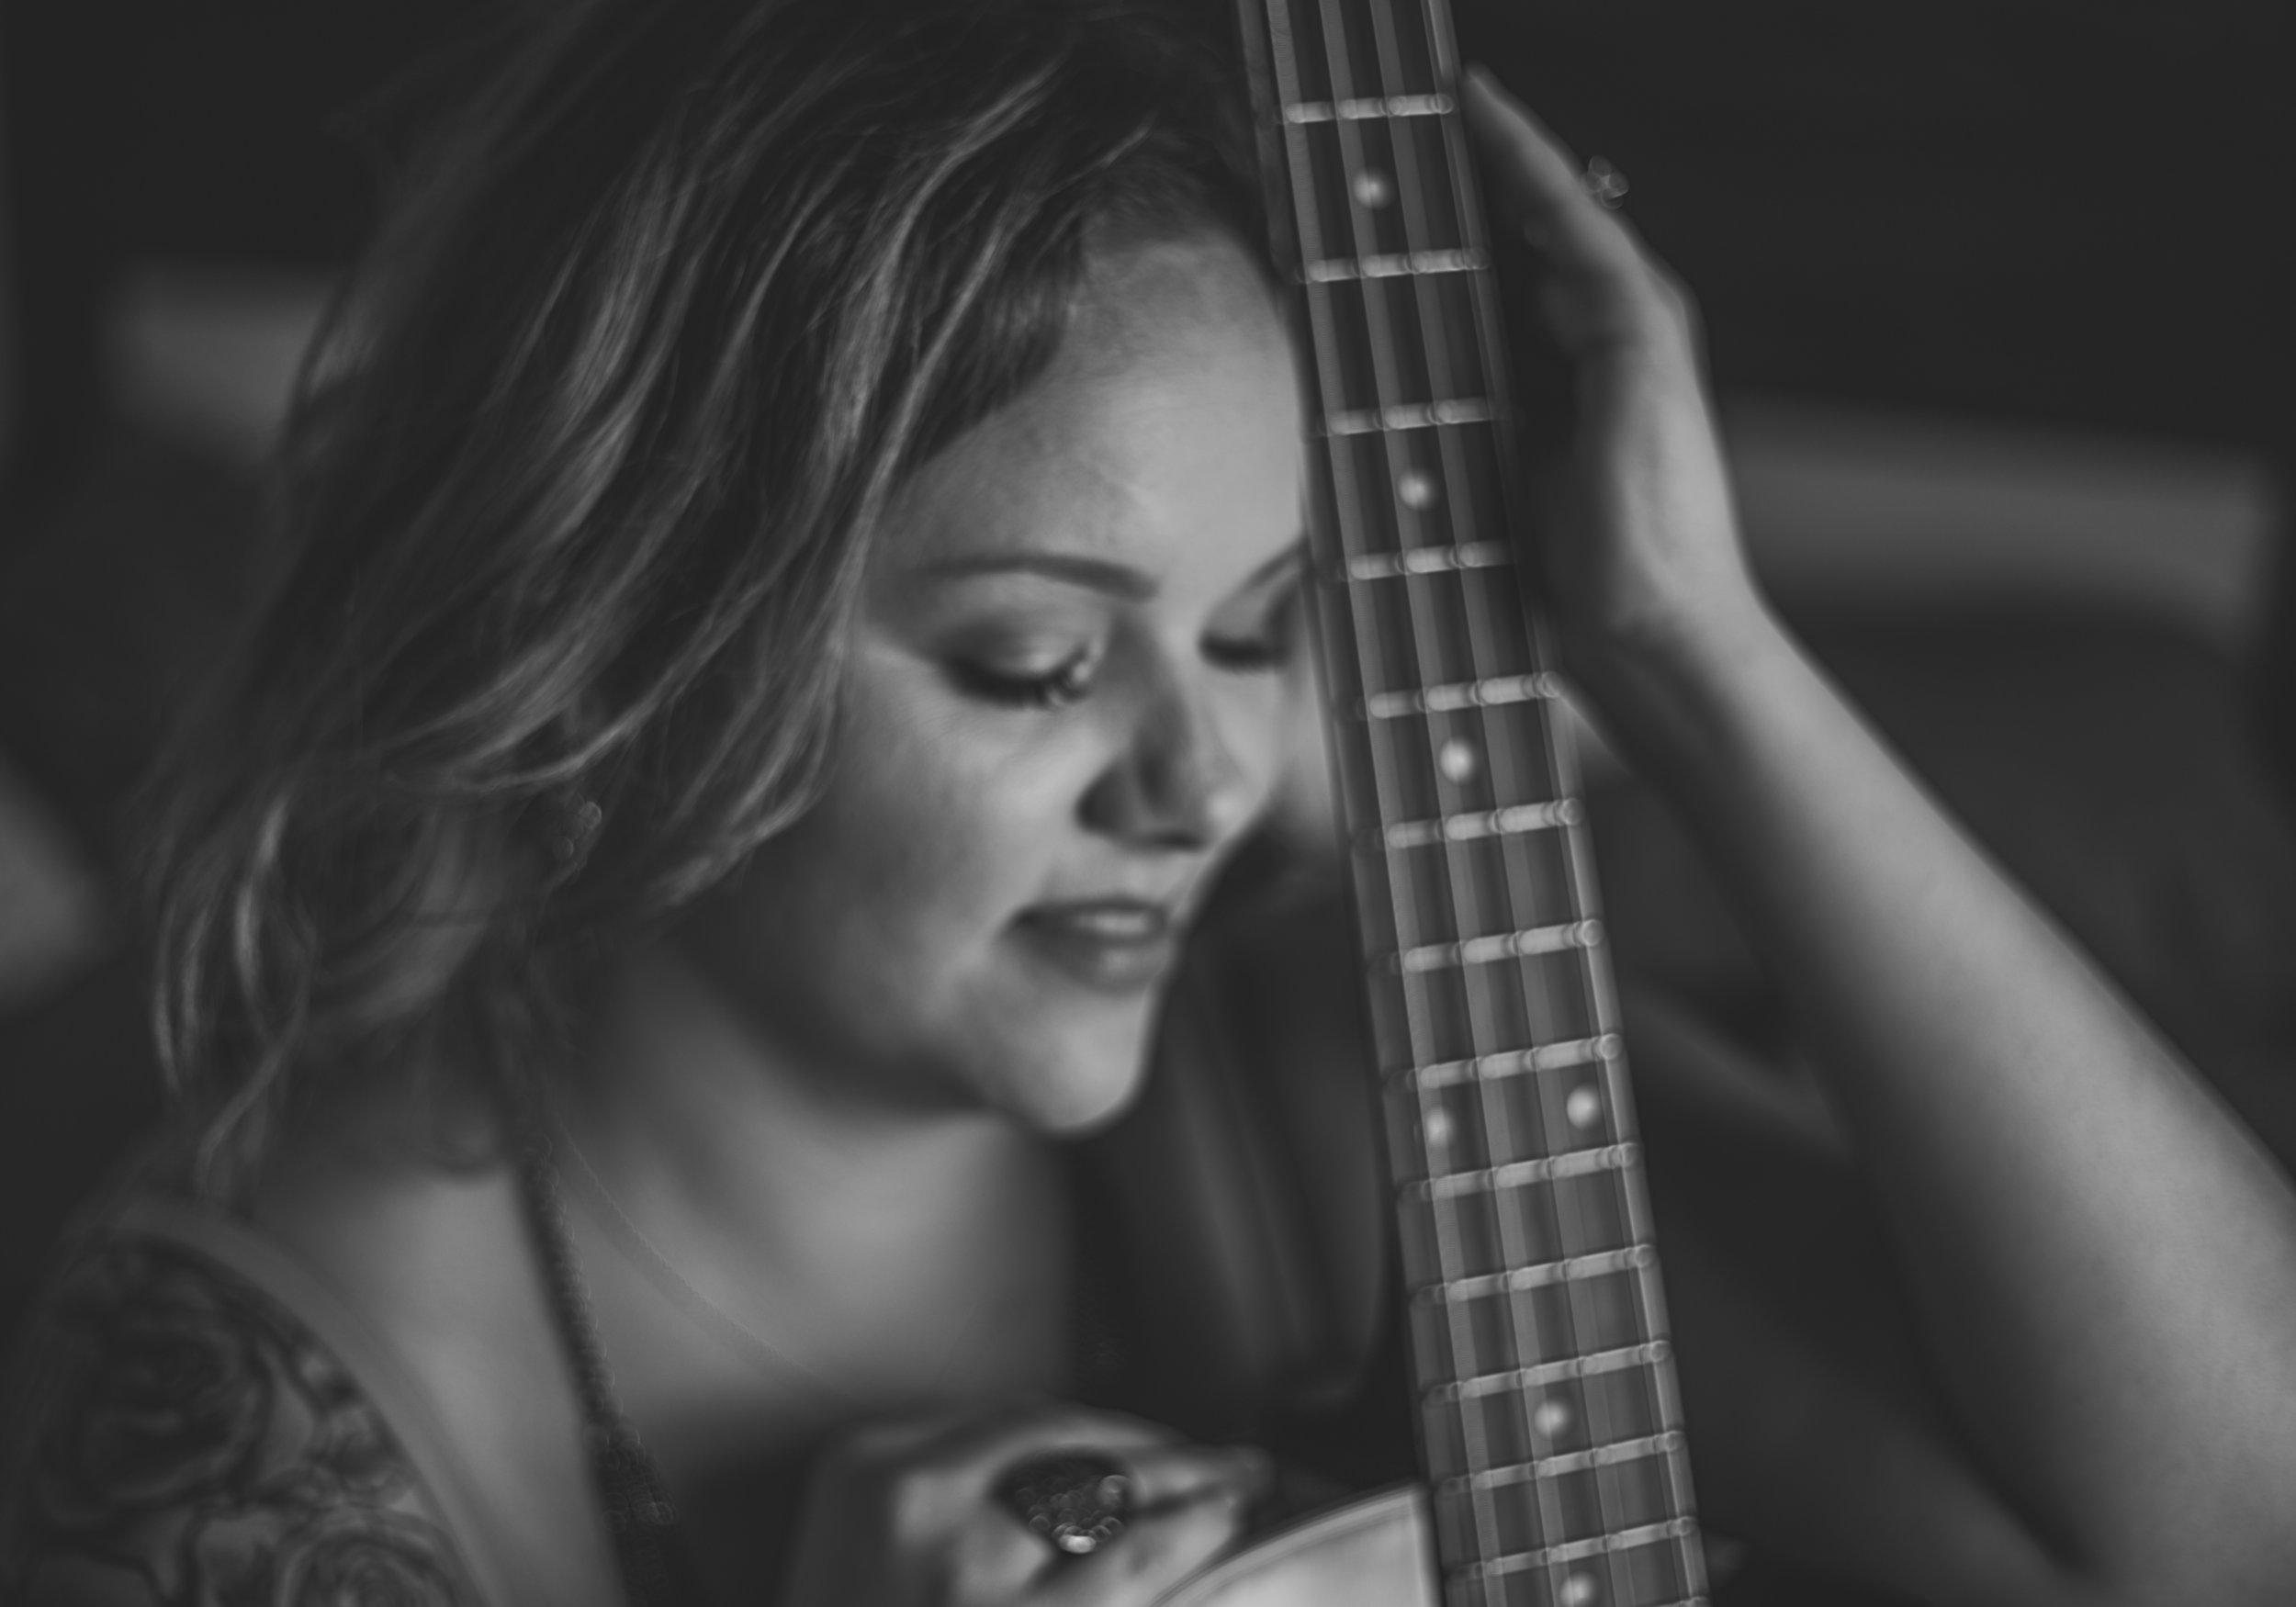 guitar-boudoir-photos-lake-jackson-texas-sincerely-you-portraits